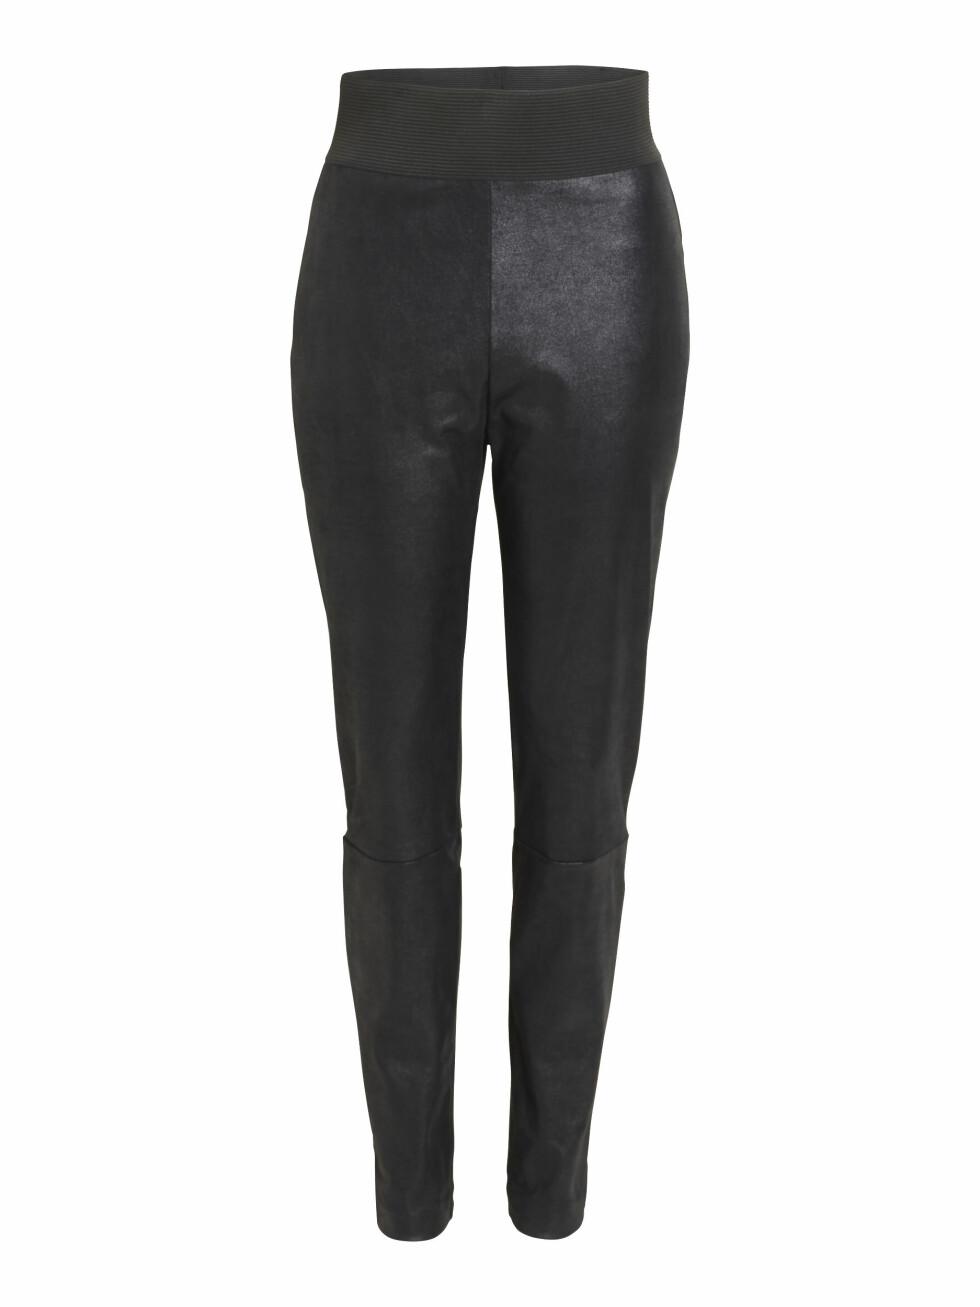 Bukse i imitert skinn (kr 250, Lindex).